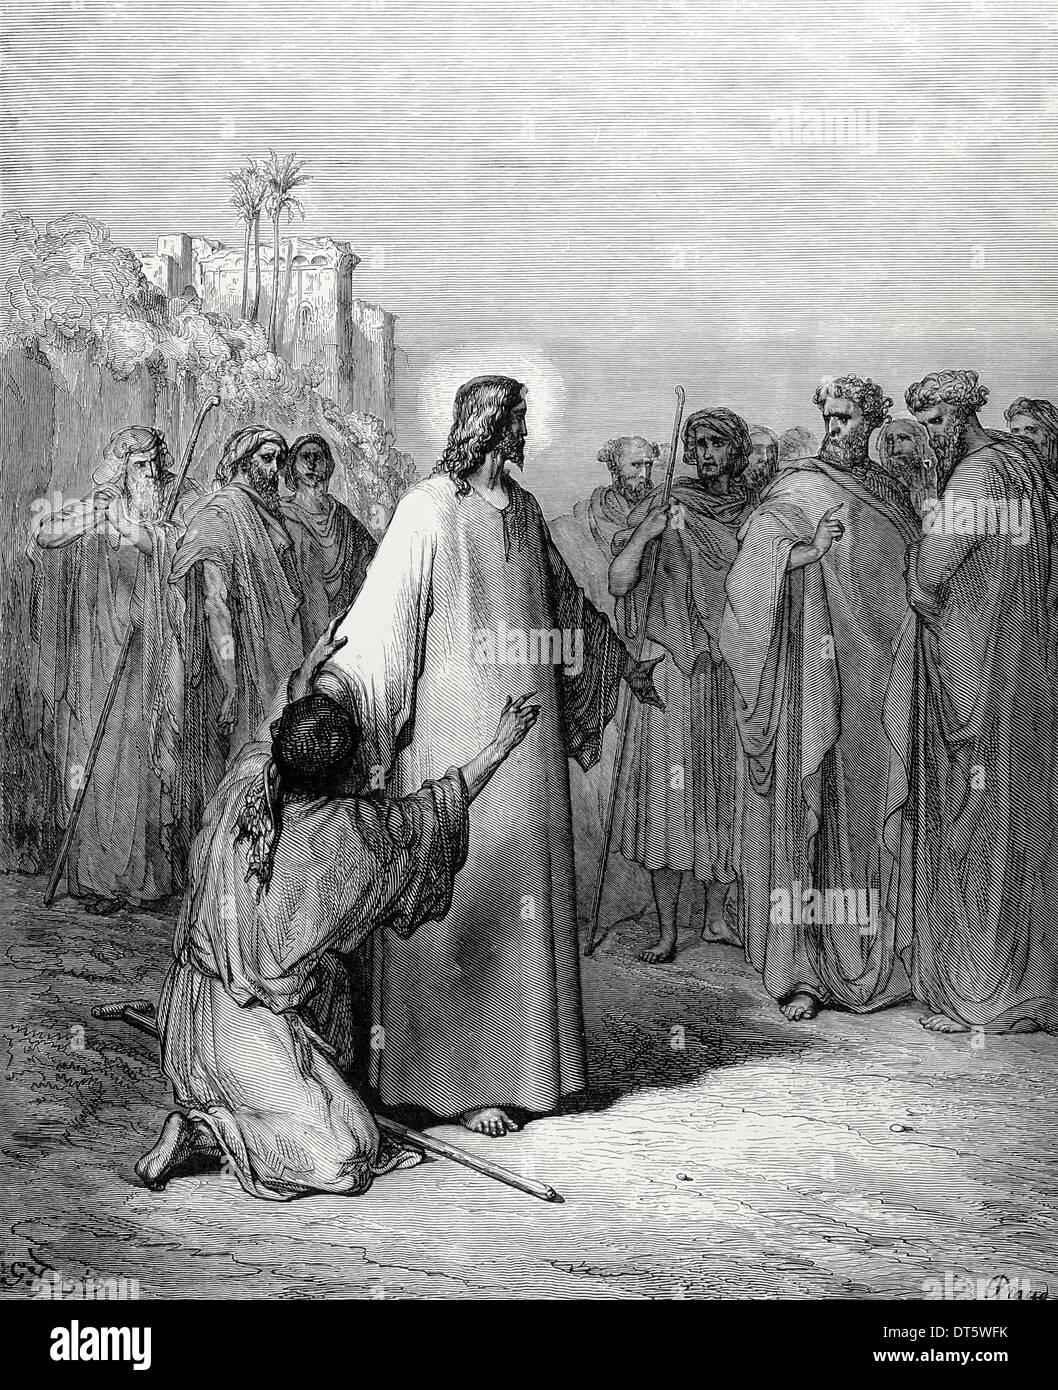 Neuen Testaments. Jesus heilt einen Dämonen besessen stumm. Evangelium des Matthäus, Kapitel IX, Vers 32-38. Zeichnung von Gustave Dore. Stockbild